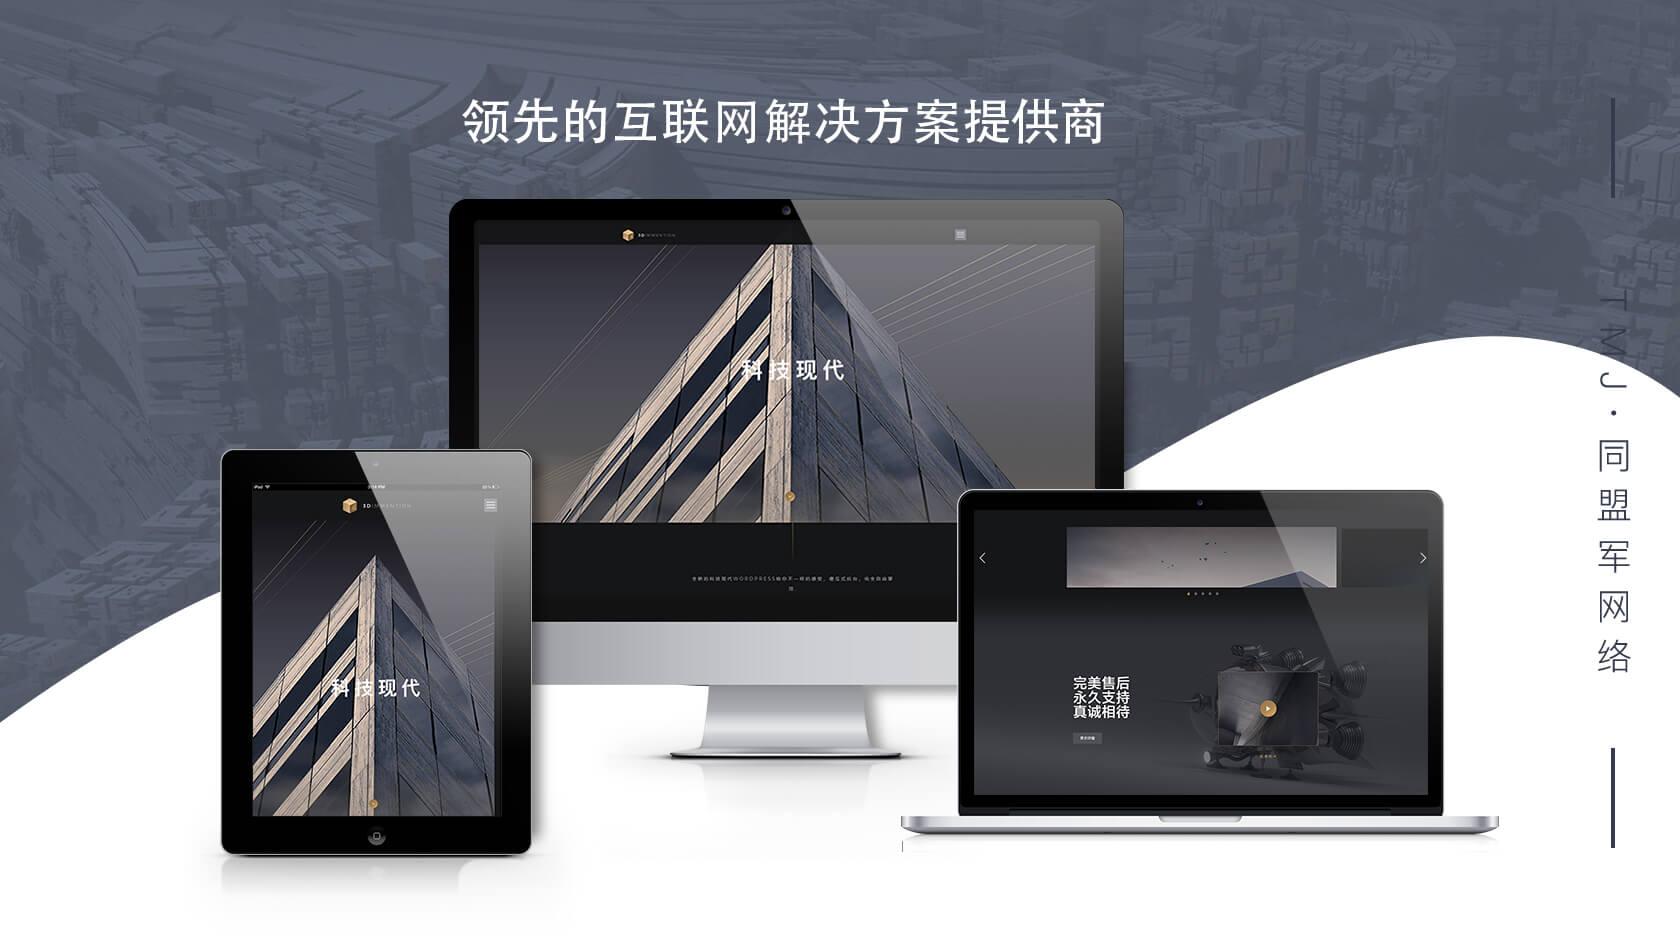 官网、PC、小程序、公众号、企业网站